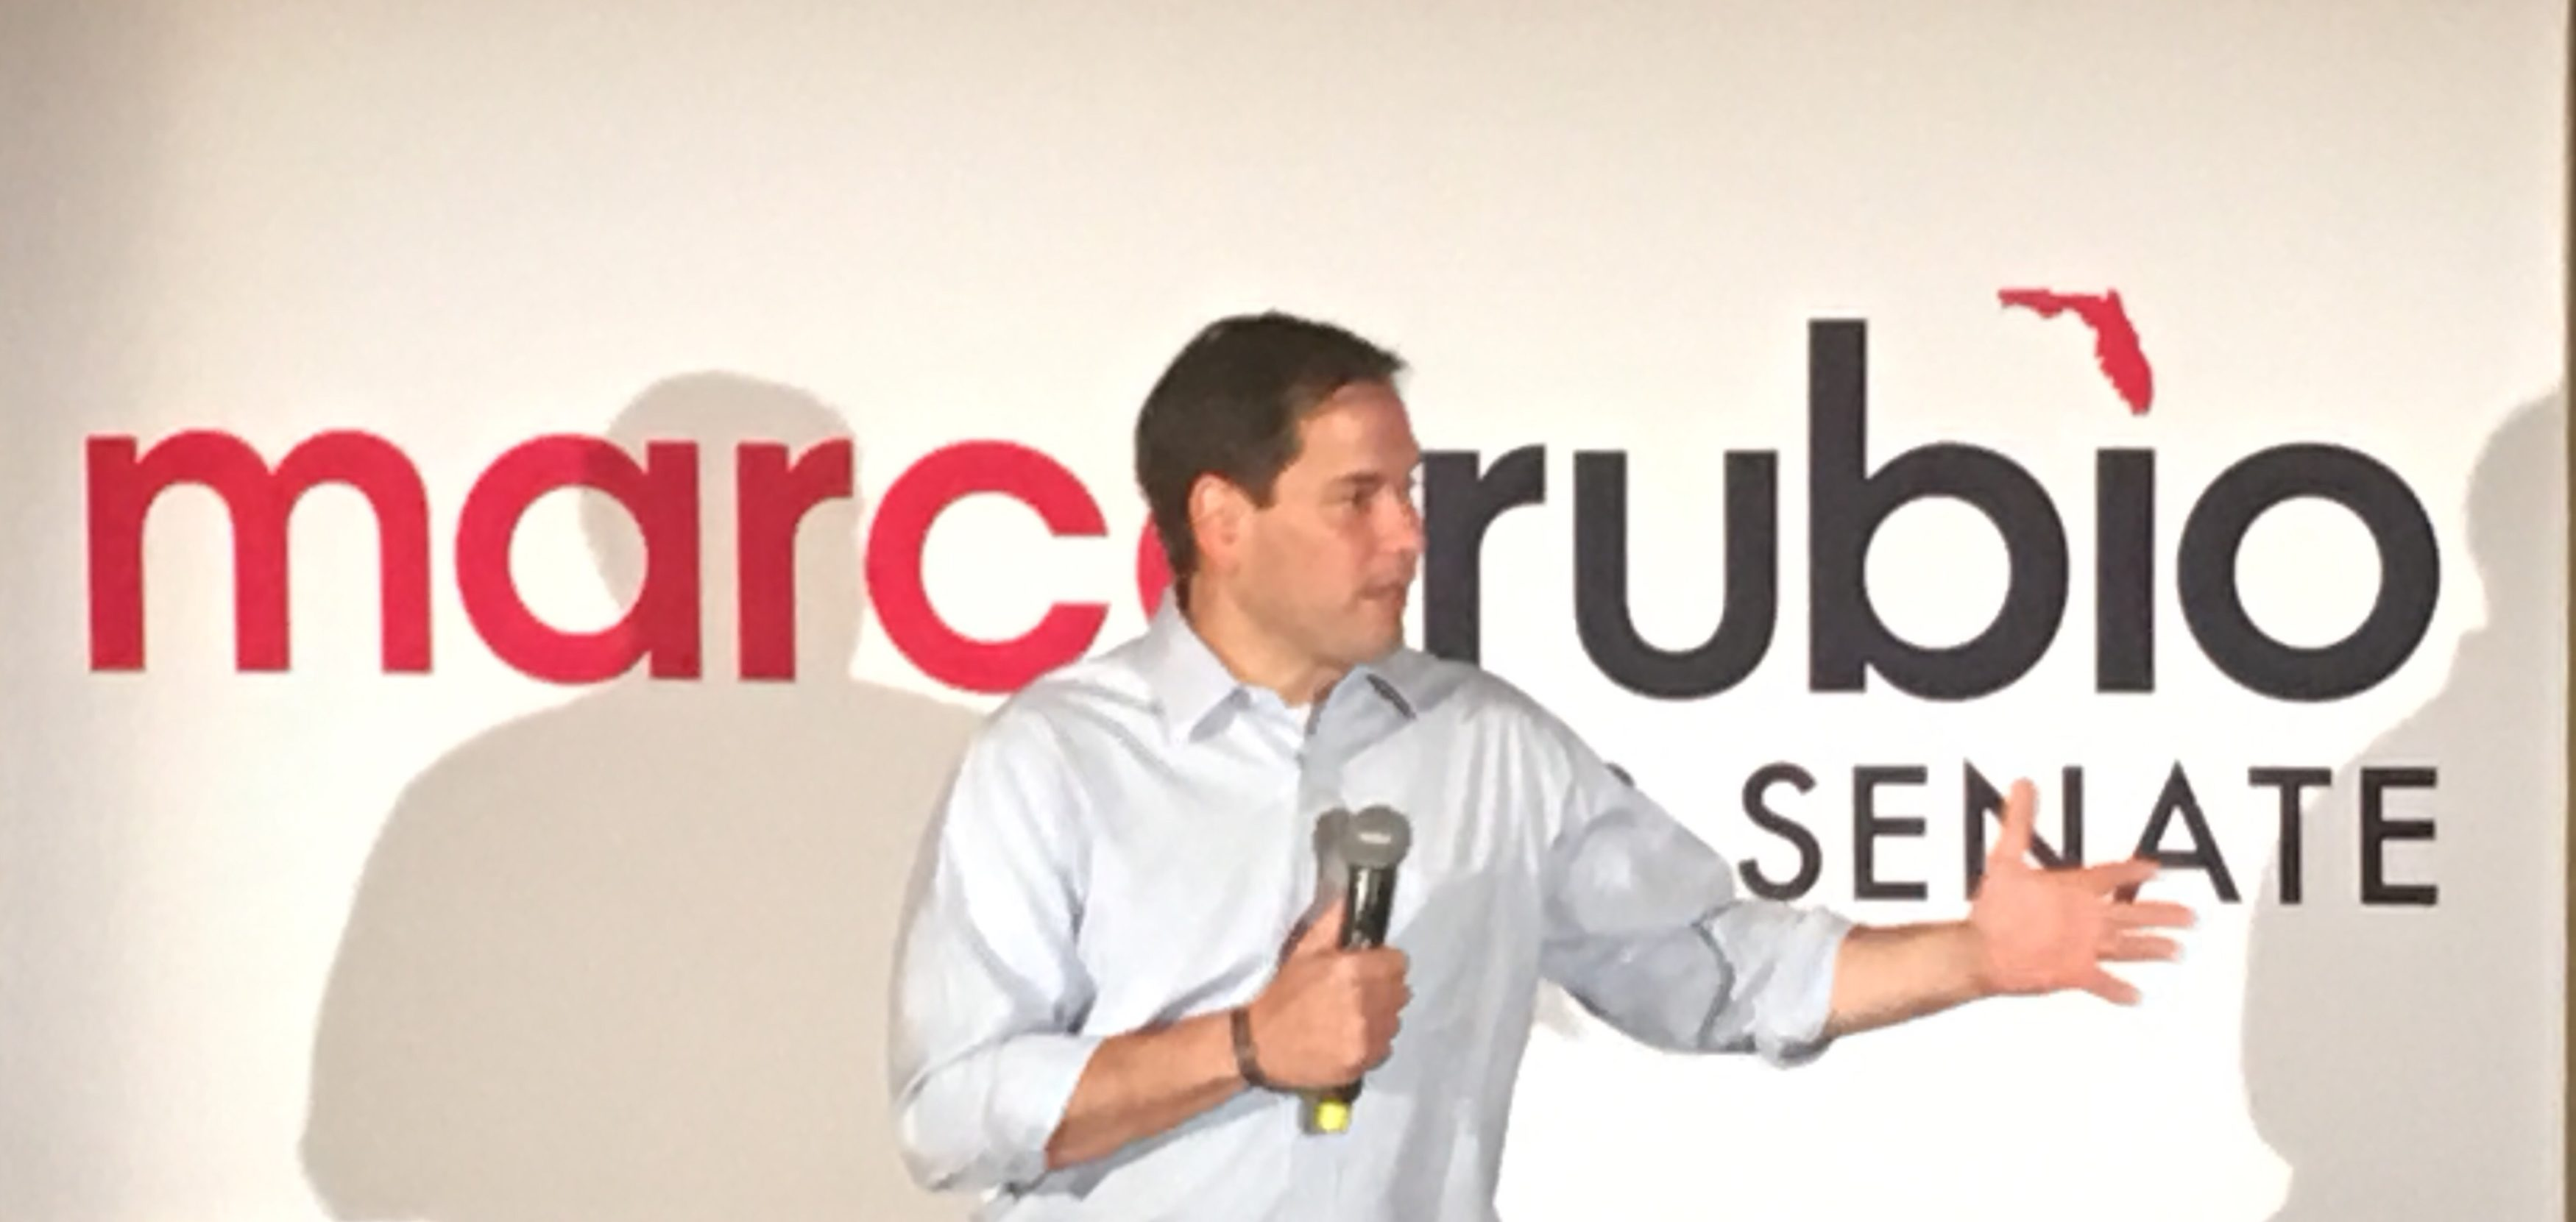 Rubio Senate